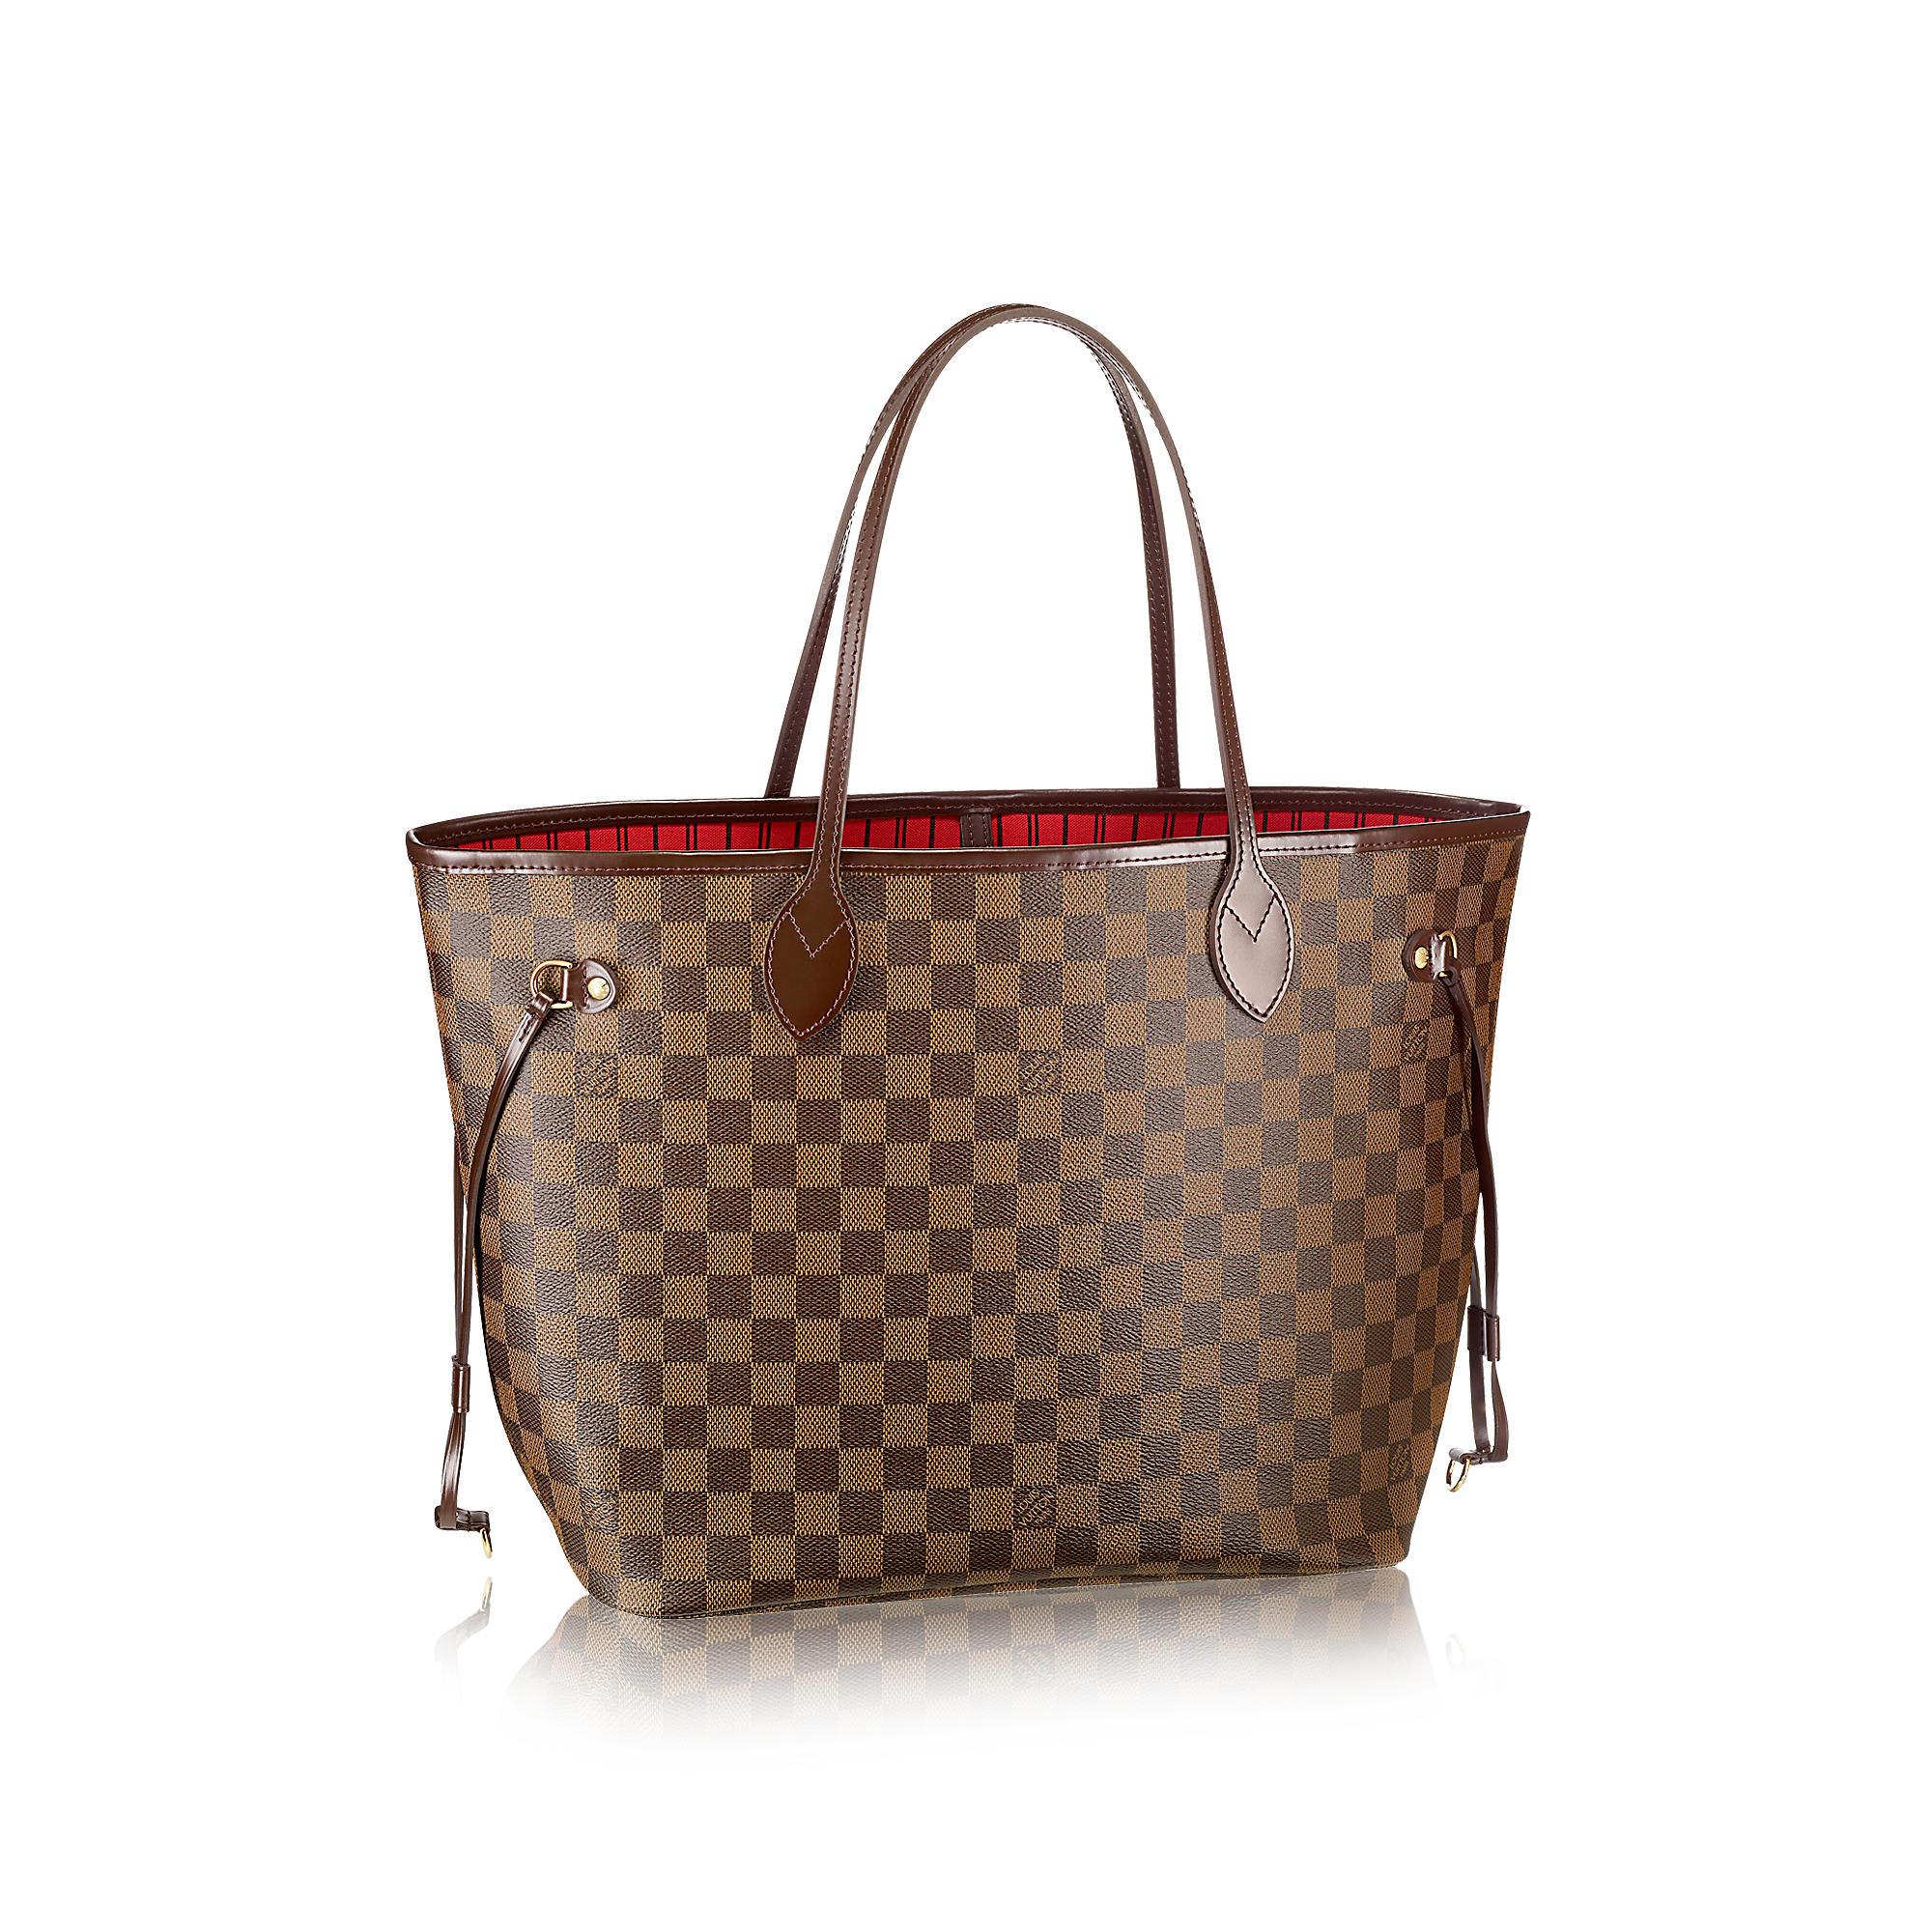 """Bolsa da grife francesa Louiv Vuitton com o padrão Damier. A história de Vuitton é tem do primeiro capítulo da """"websérie"""""""